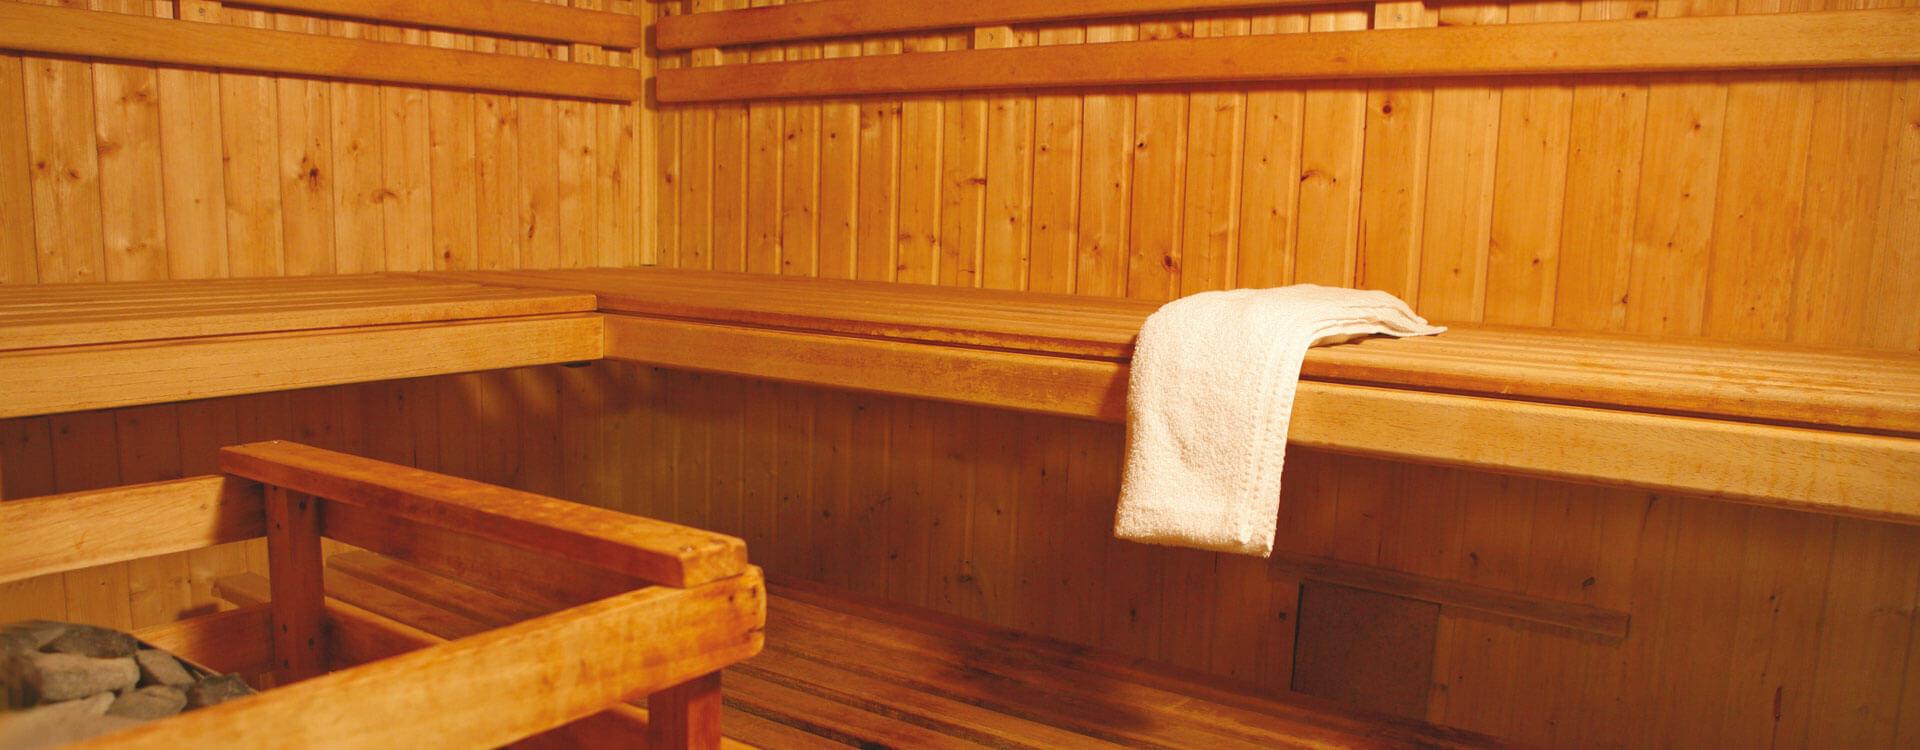 Espace détente- Hôtel & spa*** La Villa Marlioz à Aix-les-Bains